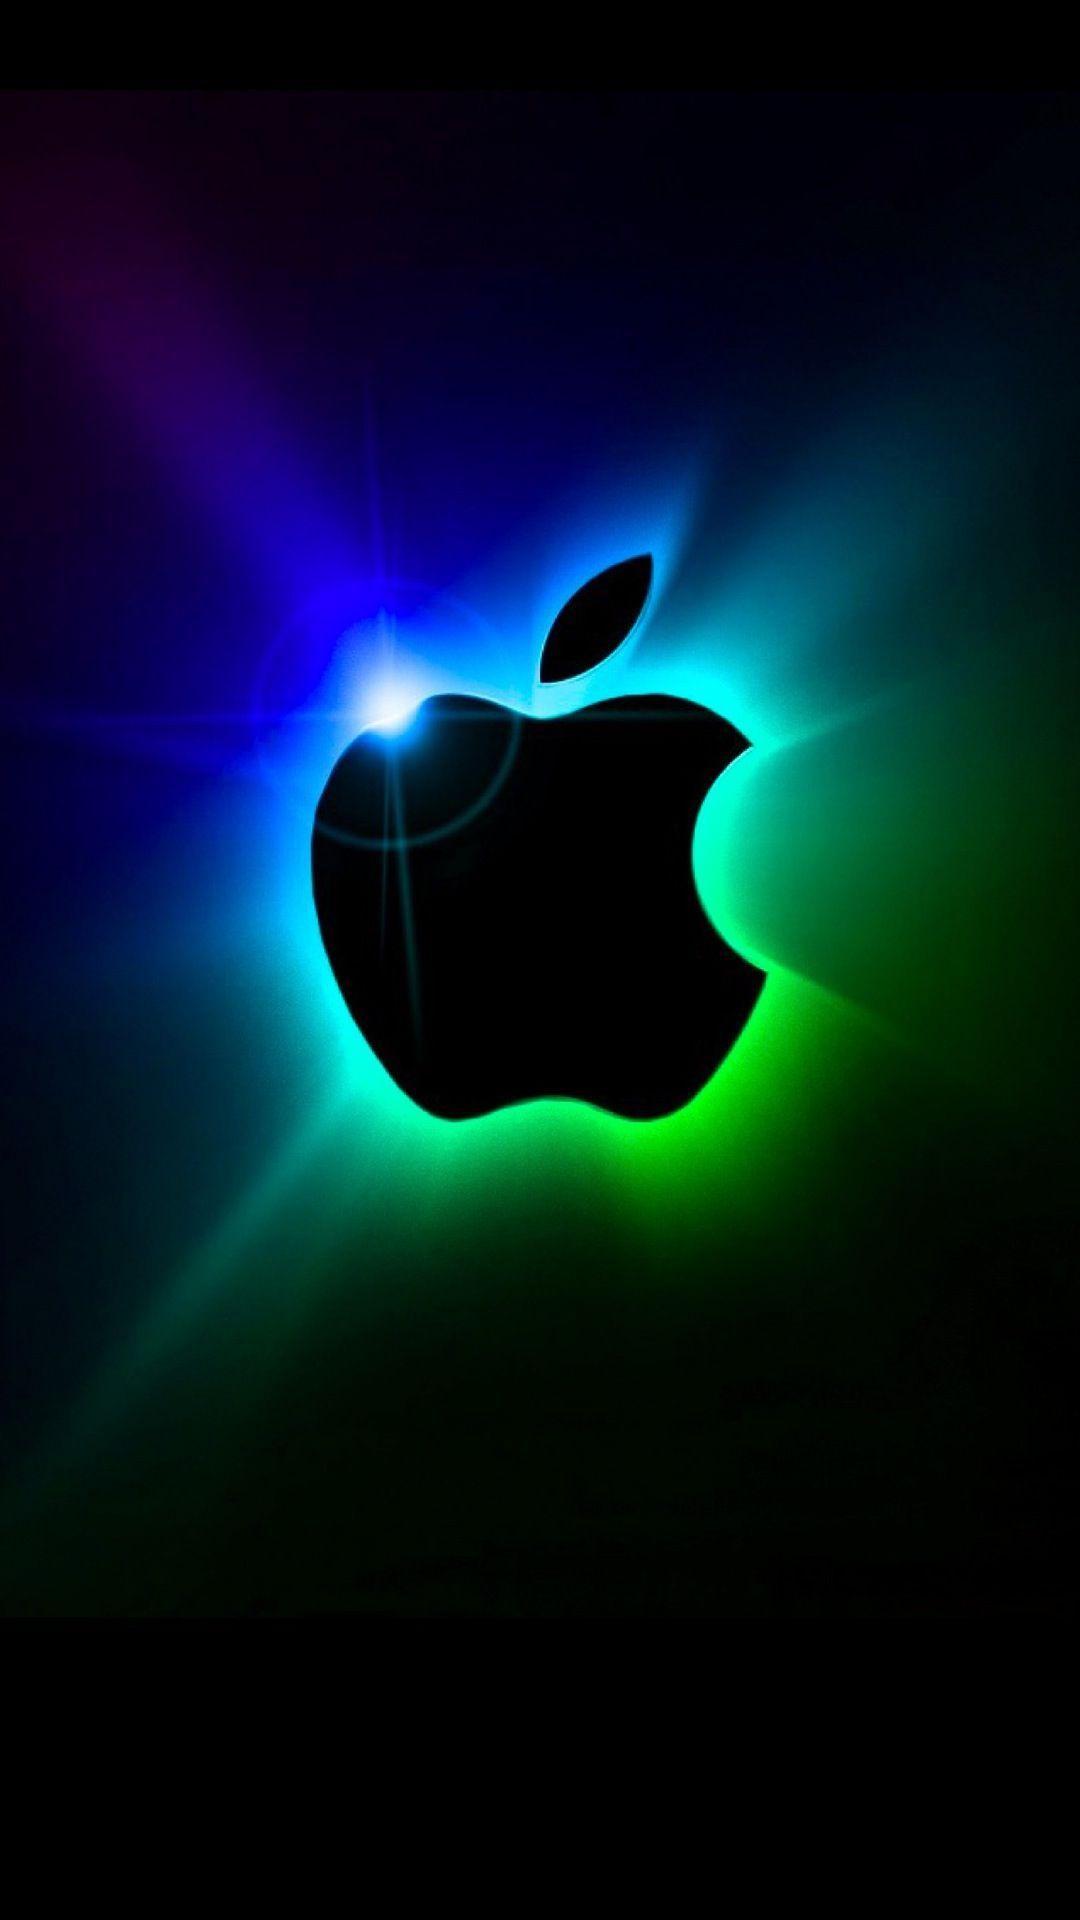 人気234位 ネオンapple Iphone11 スマホ壁紙 待受画像ギャラリー スマホ壁紙 アップルの壁紙 ピンク 壁紙 Iphone